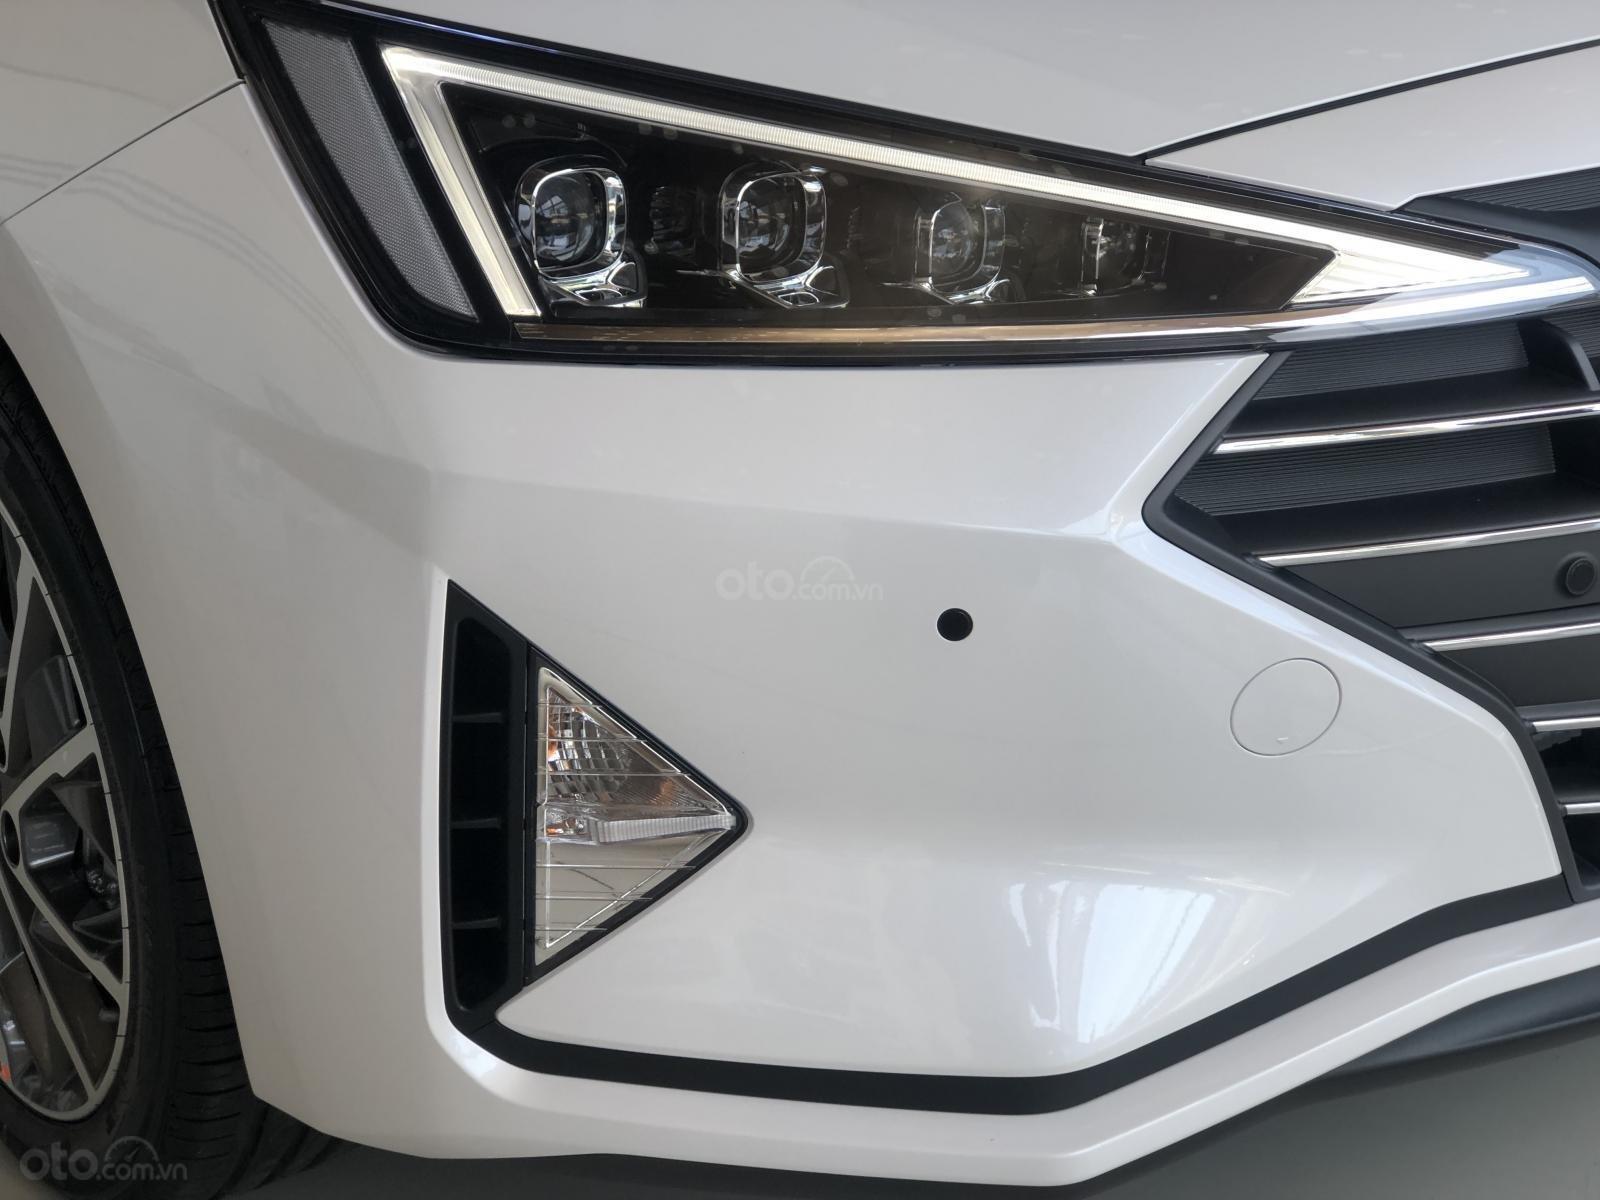 Xe Hyundai Elantra 2019, giá từ 555tr - màu trắng- giao ngay - LH: 0919293553 (18)